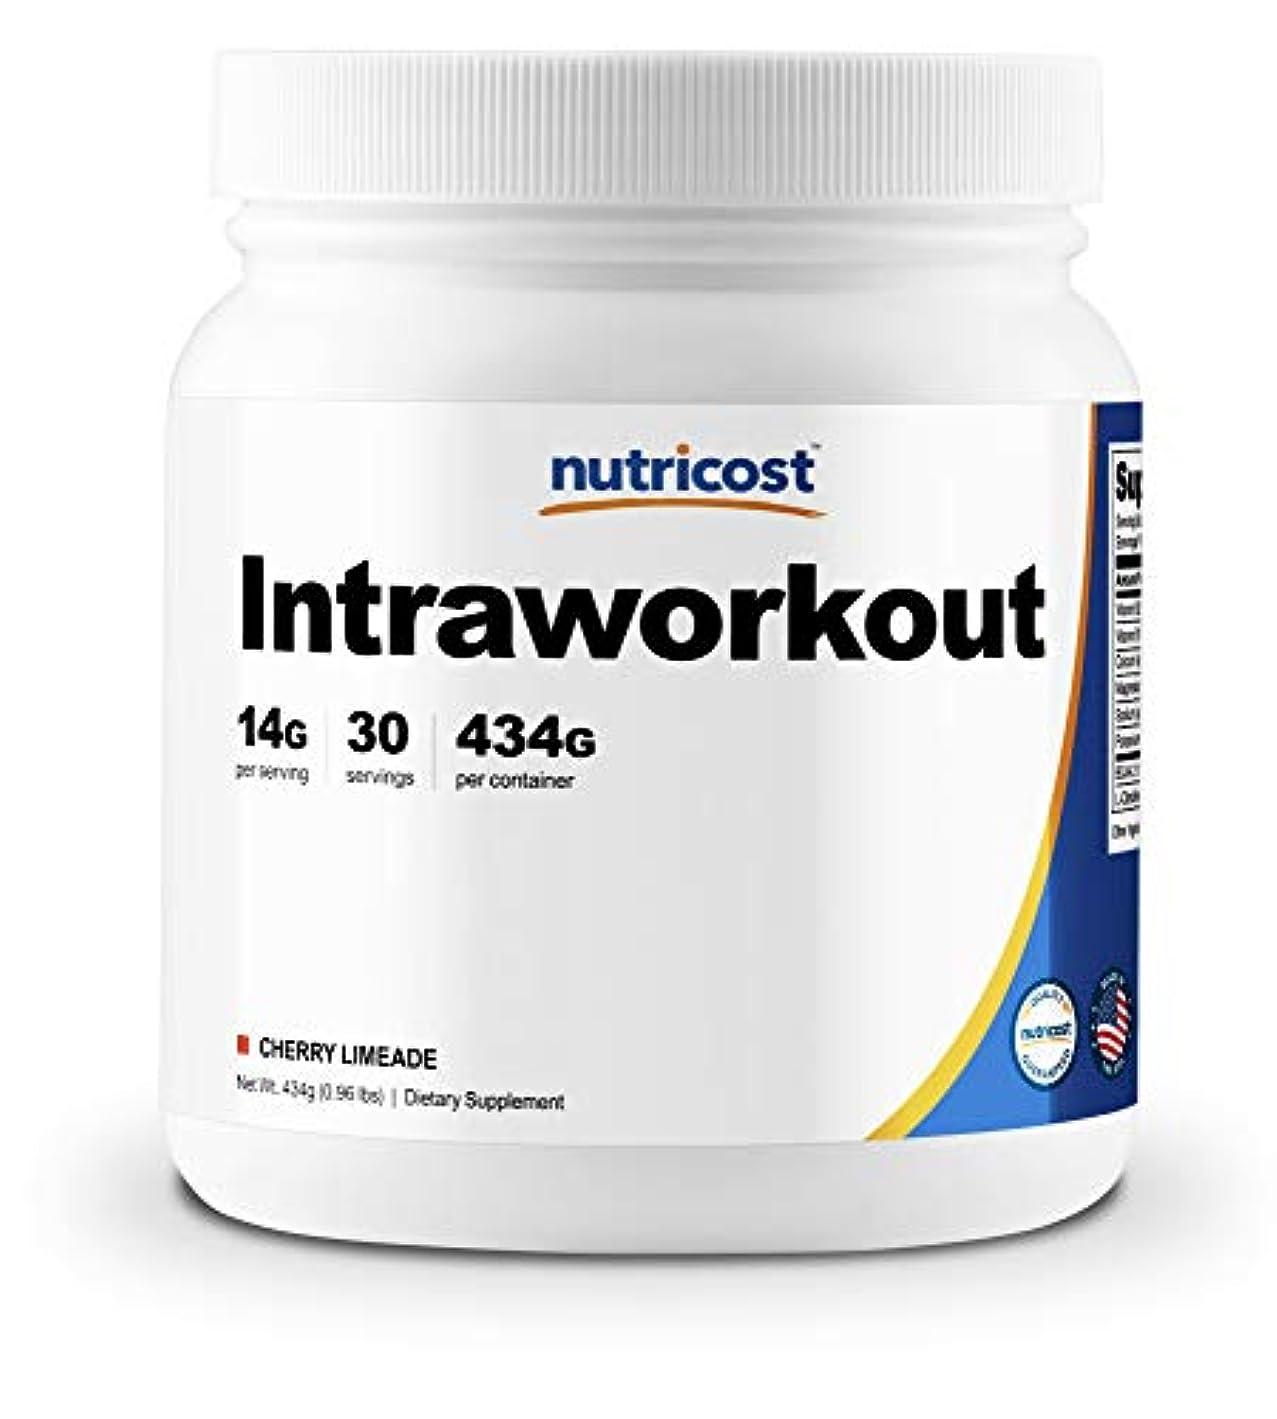 パラシュートサイトライン囚人Nutricost イントラワークアウトパウダー(チェリーライムエード味)、非GMO、グルテンフリー